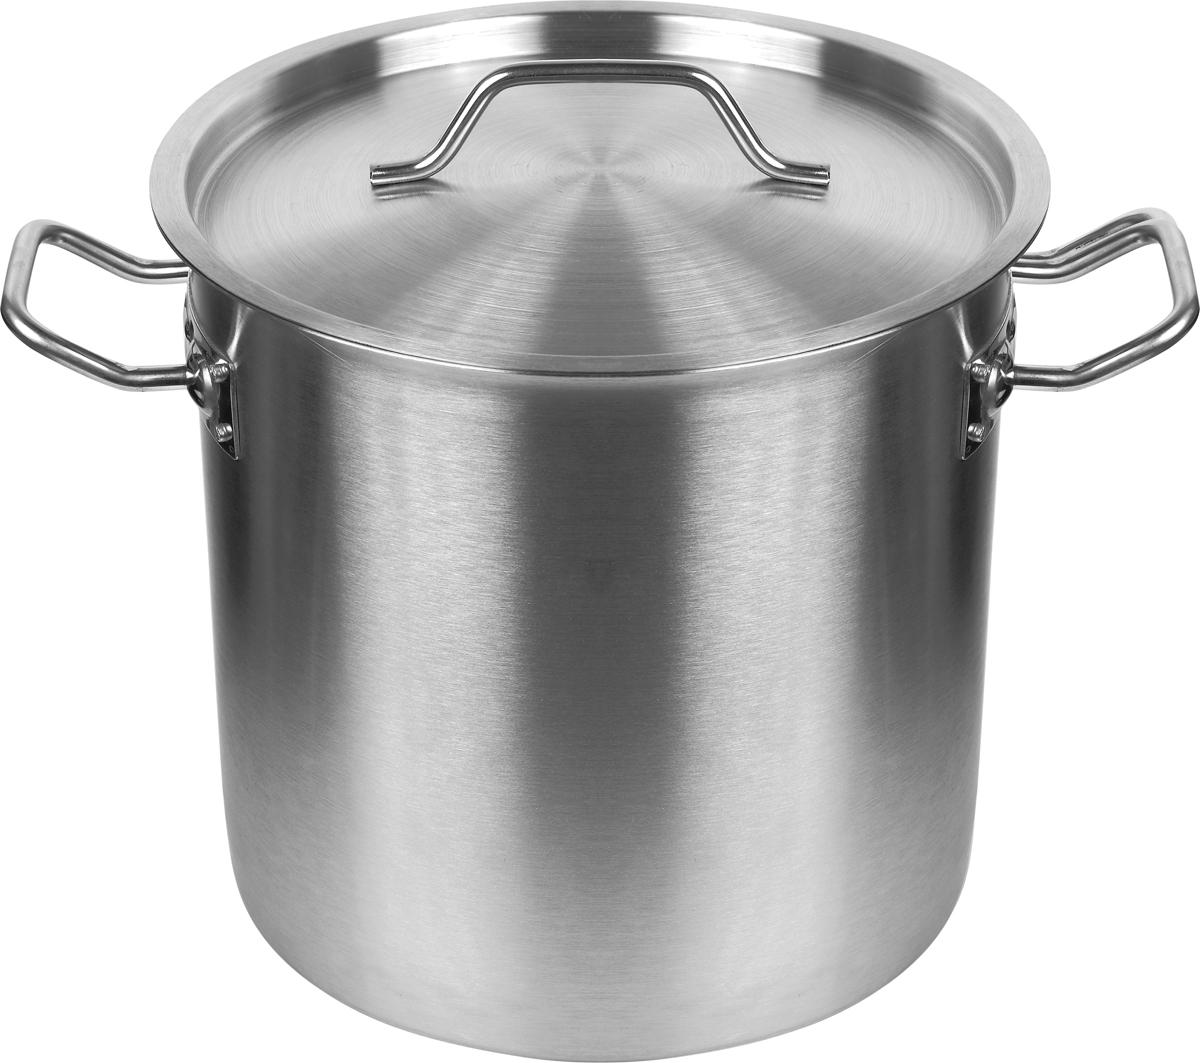 Котел Appetite Общепит. Professional, 30 л. SH12312SH12312 - 34смВместительный котел из прочной нержавеющей стали с тройным дном отлично подойдет для активной эксплуатации на кухне, поэтому частоиспользуется в кафе и столовых - там, где ежедневно приходится много готовить. Однако он подойдет и для частного использования, чтобысварить суп или второе блюдо для большой семьи, приготовить еду для застолья с друзьями.30-литровый котел прекрасно подойдет для индукционных плит, отличается высокой практичностью и удобством.Немаловажными факторами являются простота ухода за котлом и его продолжительный срок службы, который может исчислятьсядесятилетиями.В котле марки Appetite еда будет получаться необыкновенно вкусной и аппетитной.